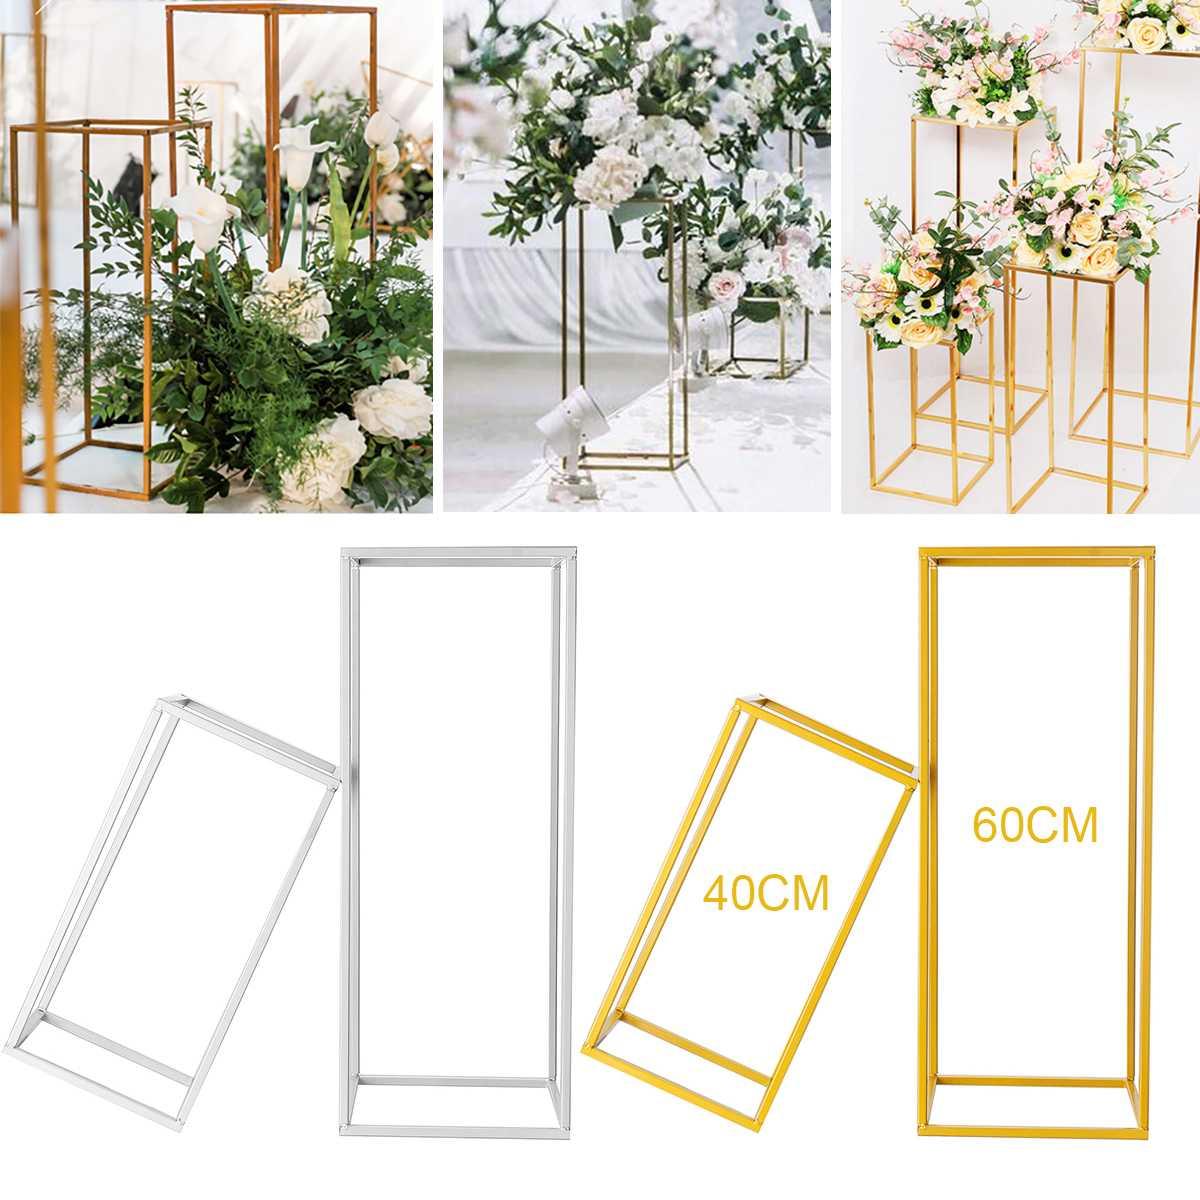 Suporte de vasos para festas, decoração à prova de ferro, suporte geométrico para mesas, artes em ferro, rack destacável para flores